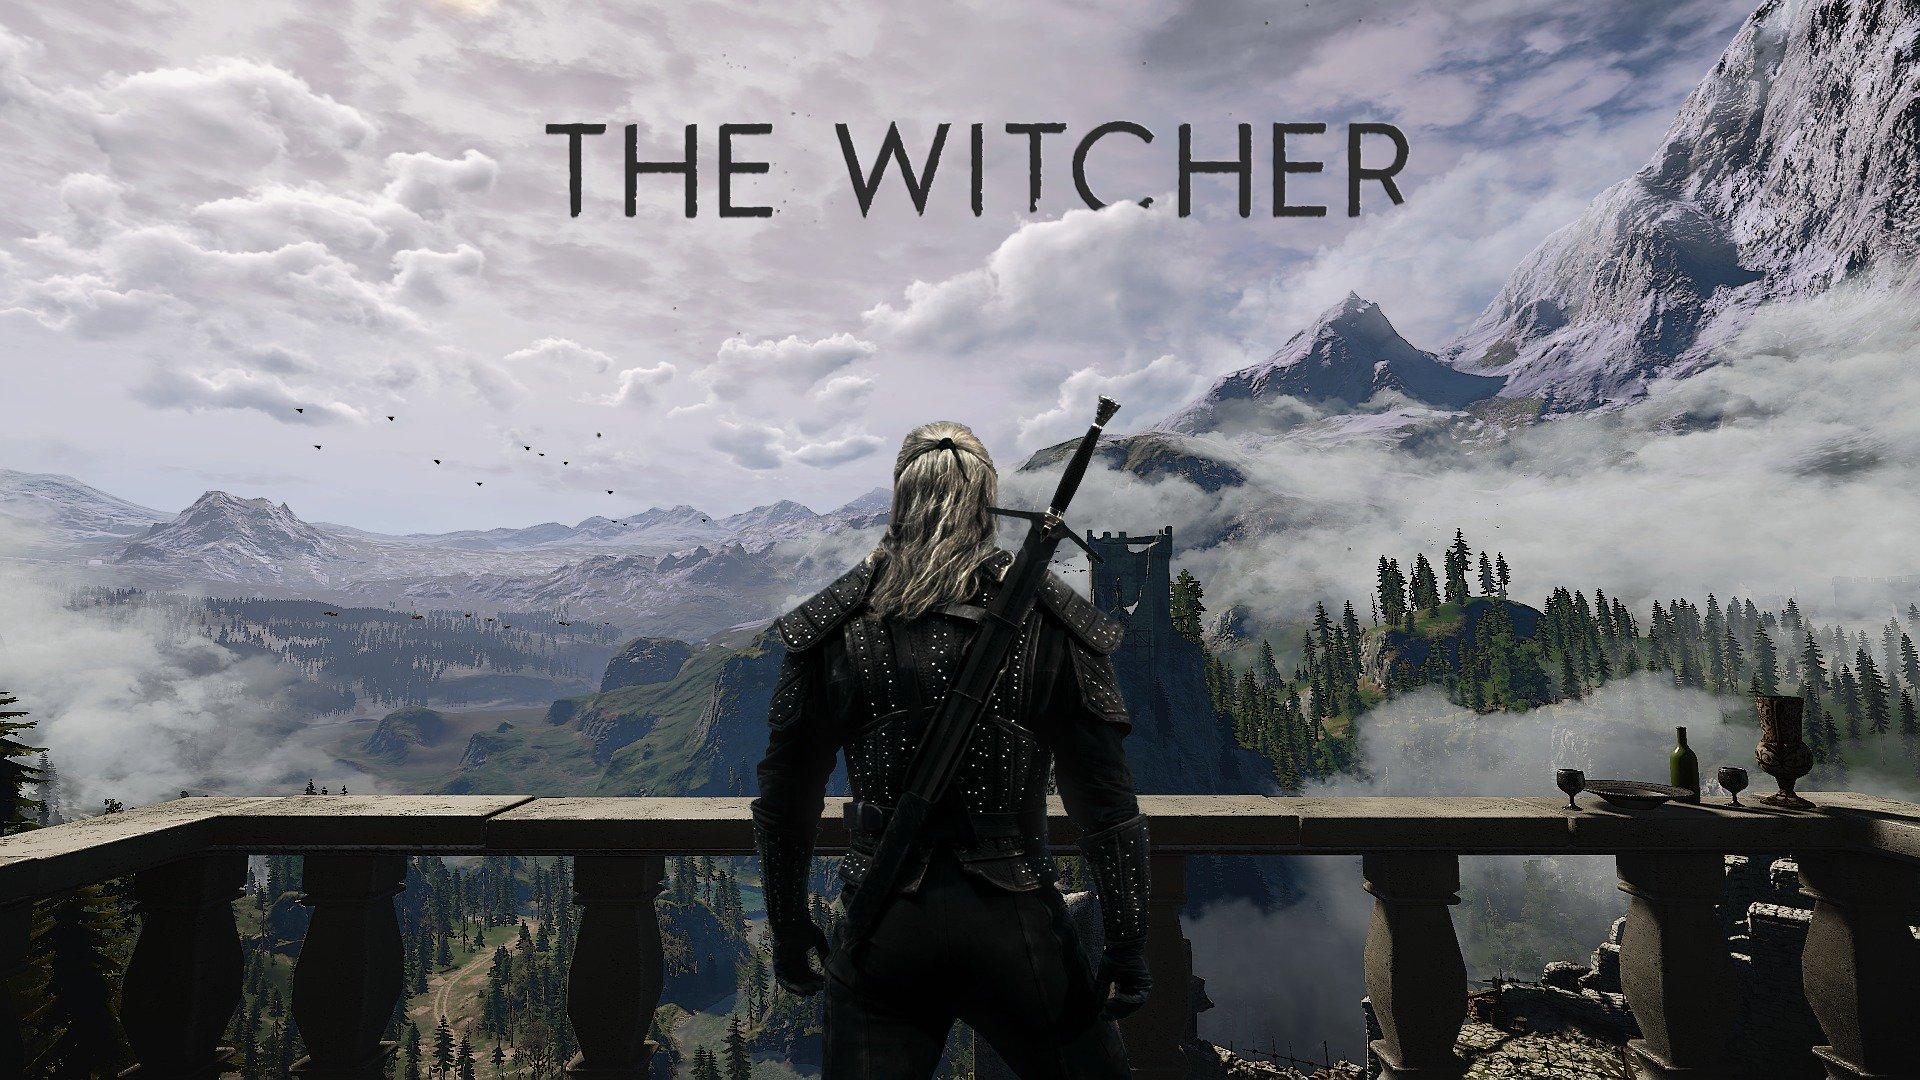 網友調侃《巫師》電視劇海報 下一季白狼屁股變形了